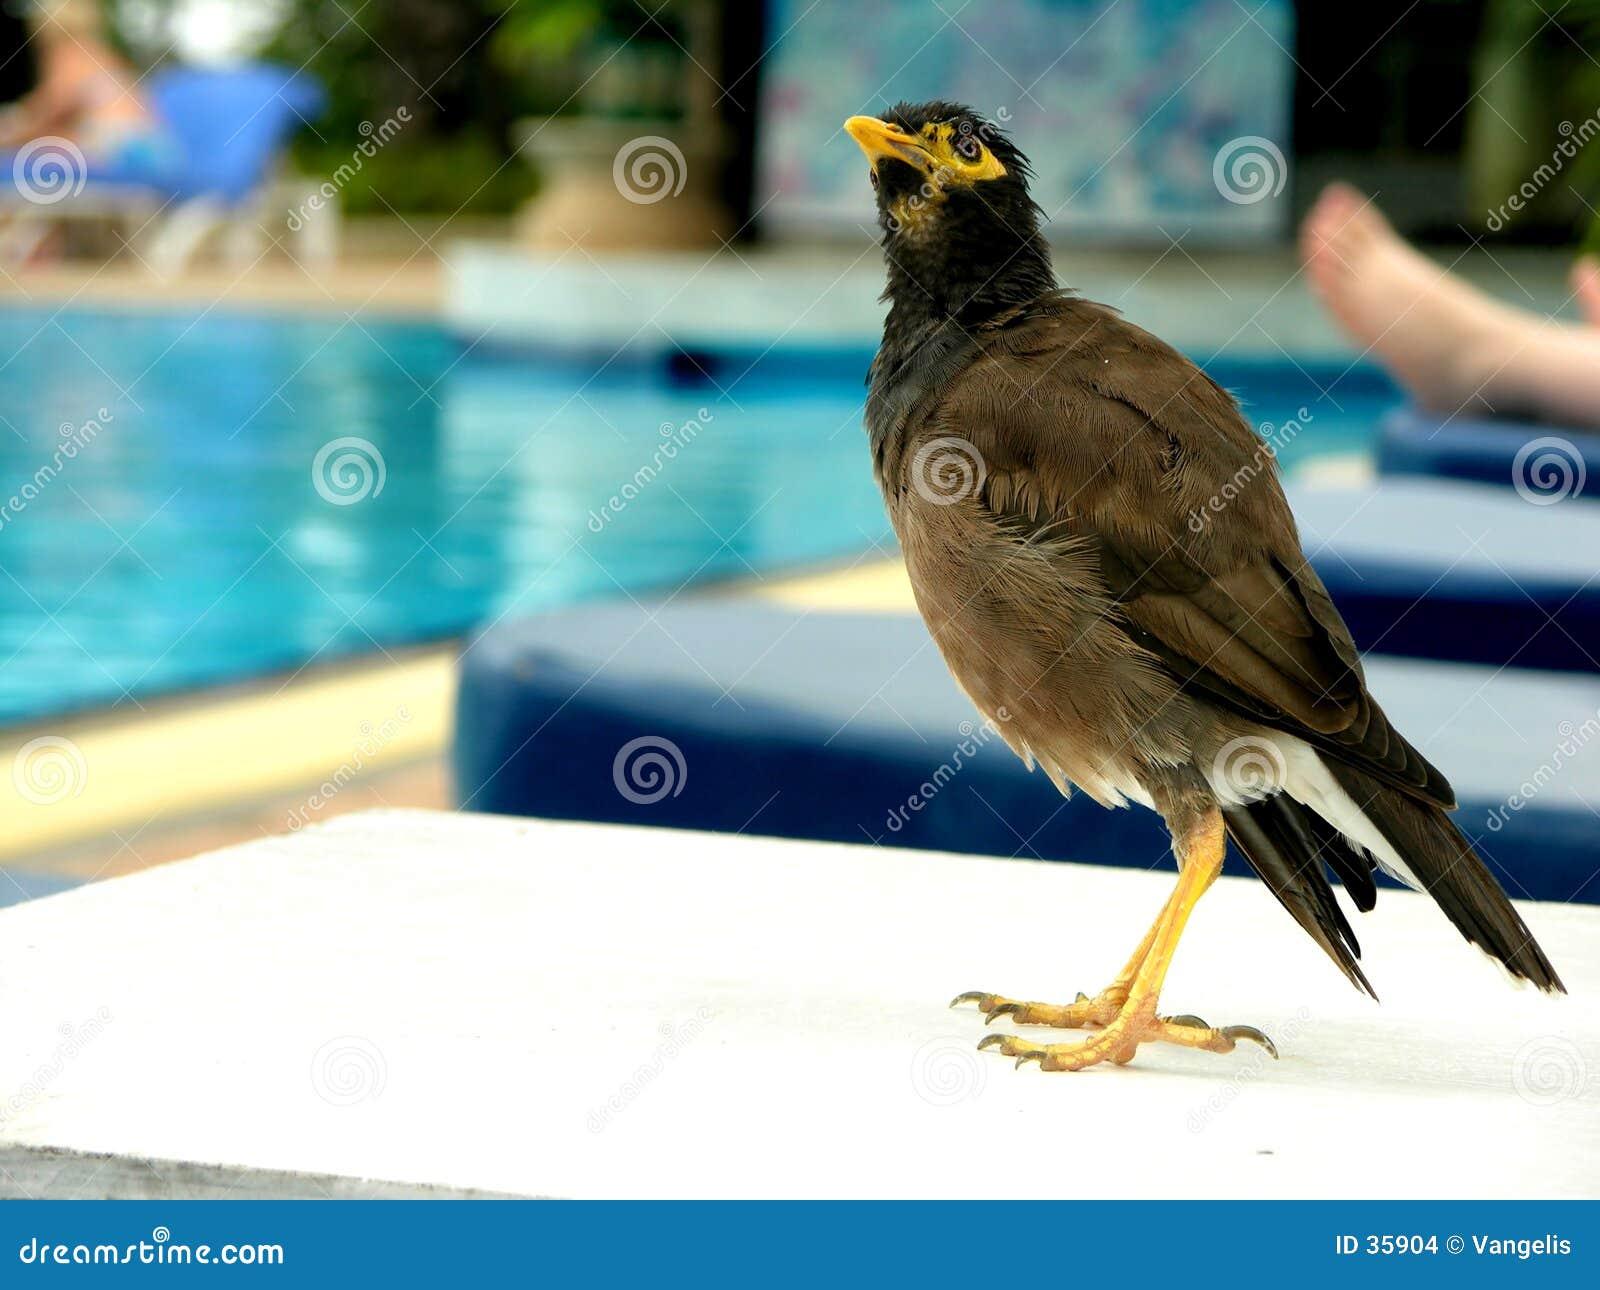 Download Presentación del pájaro foto de archivo. Imagen de pájaro - 35904